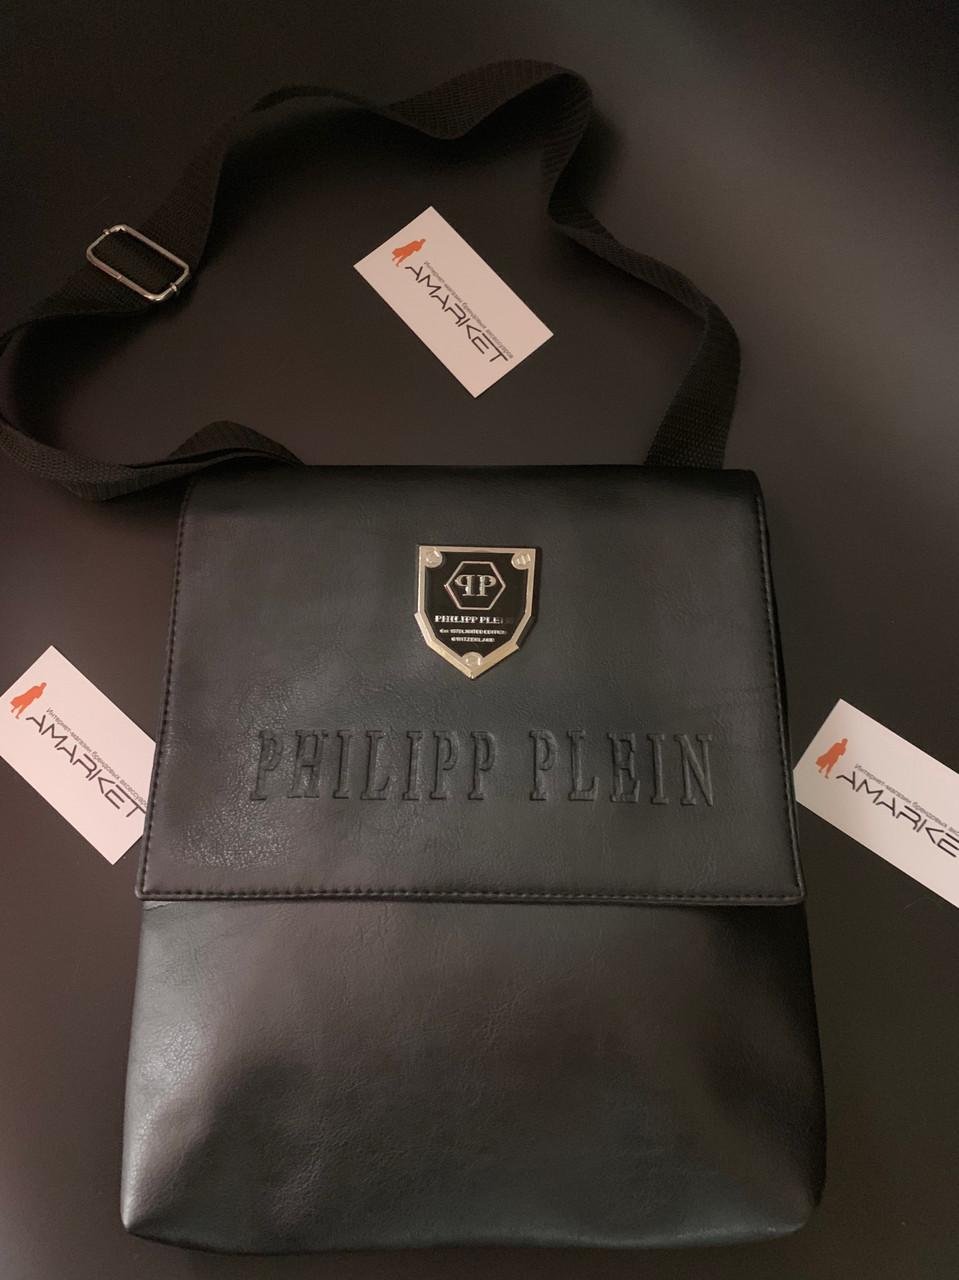 a2de71309e62 Сумка мужская через плечо почтальенка брендовая Philipp Plein копия  высокого качества - AMARKET - Интернет-